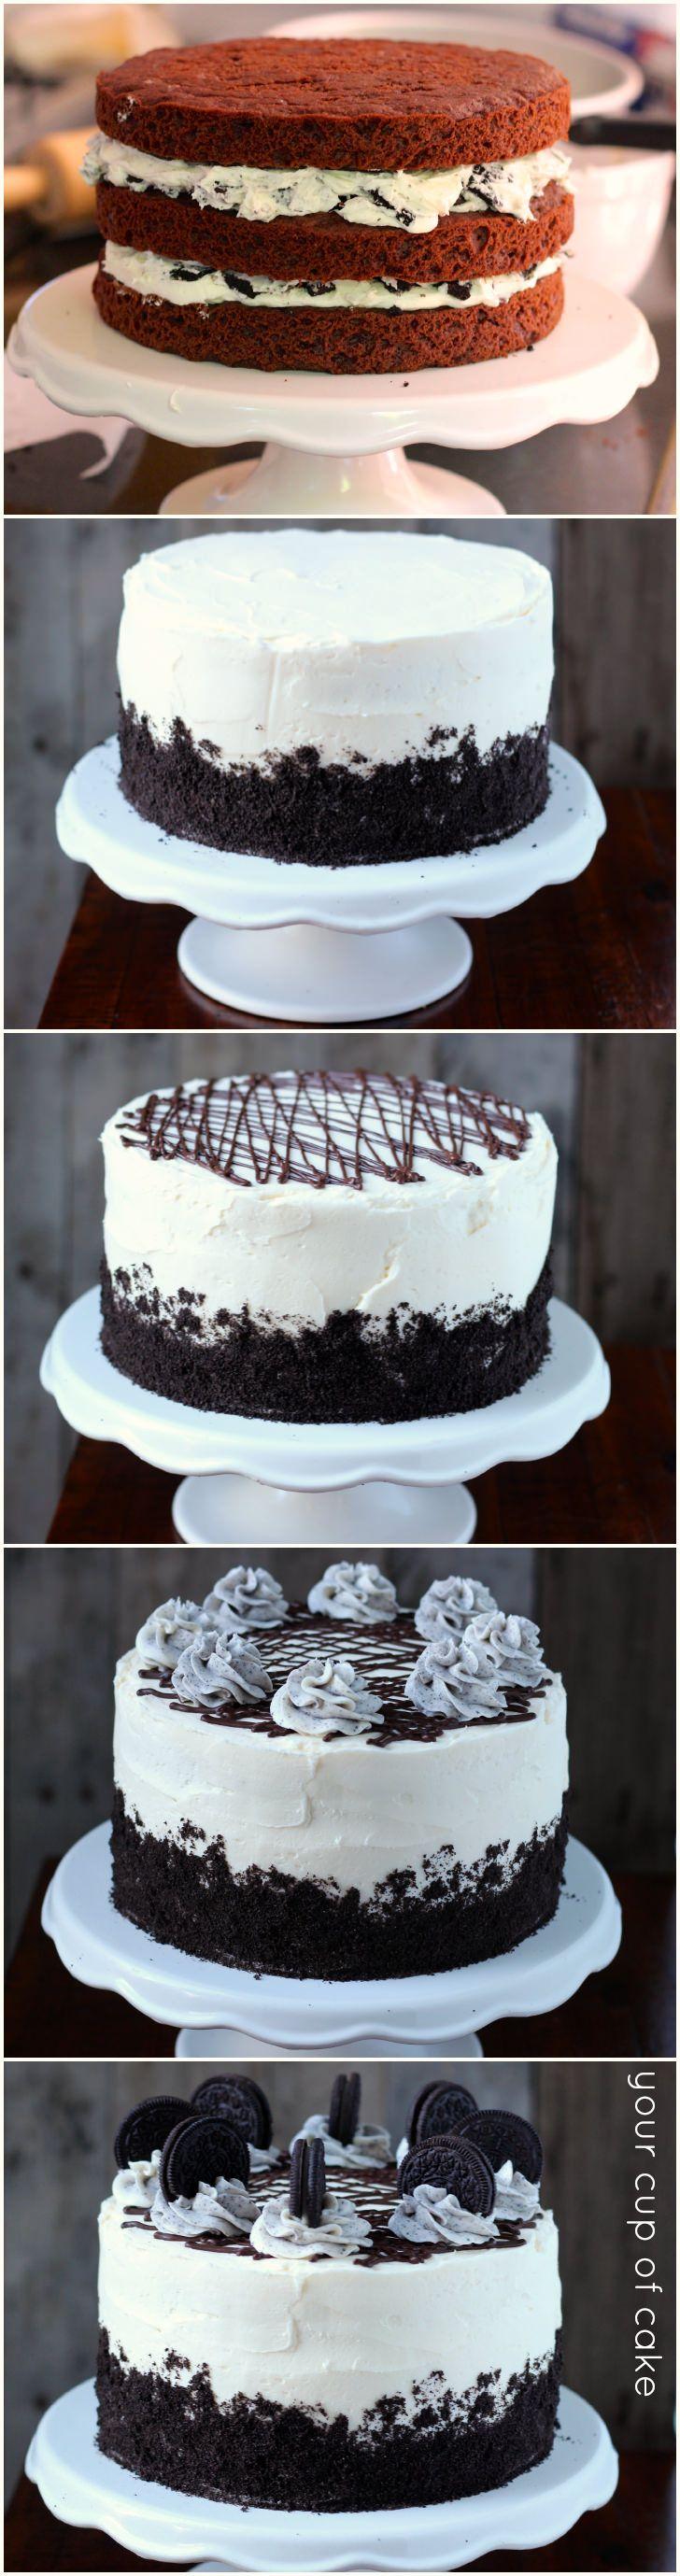 Kuchen Deko                                                                                                                                                      Mehr